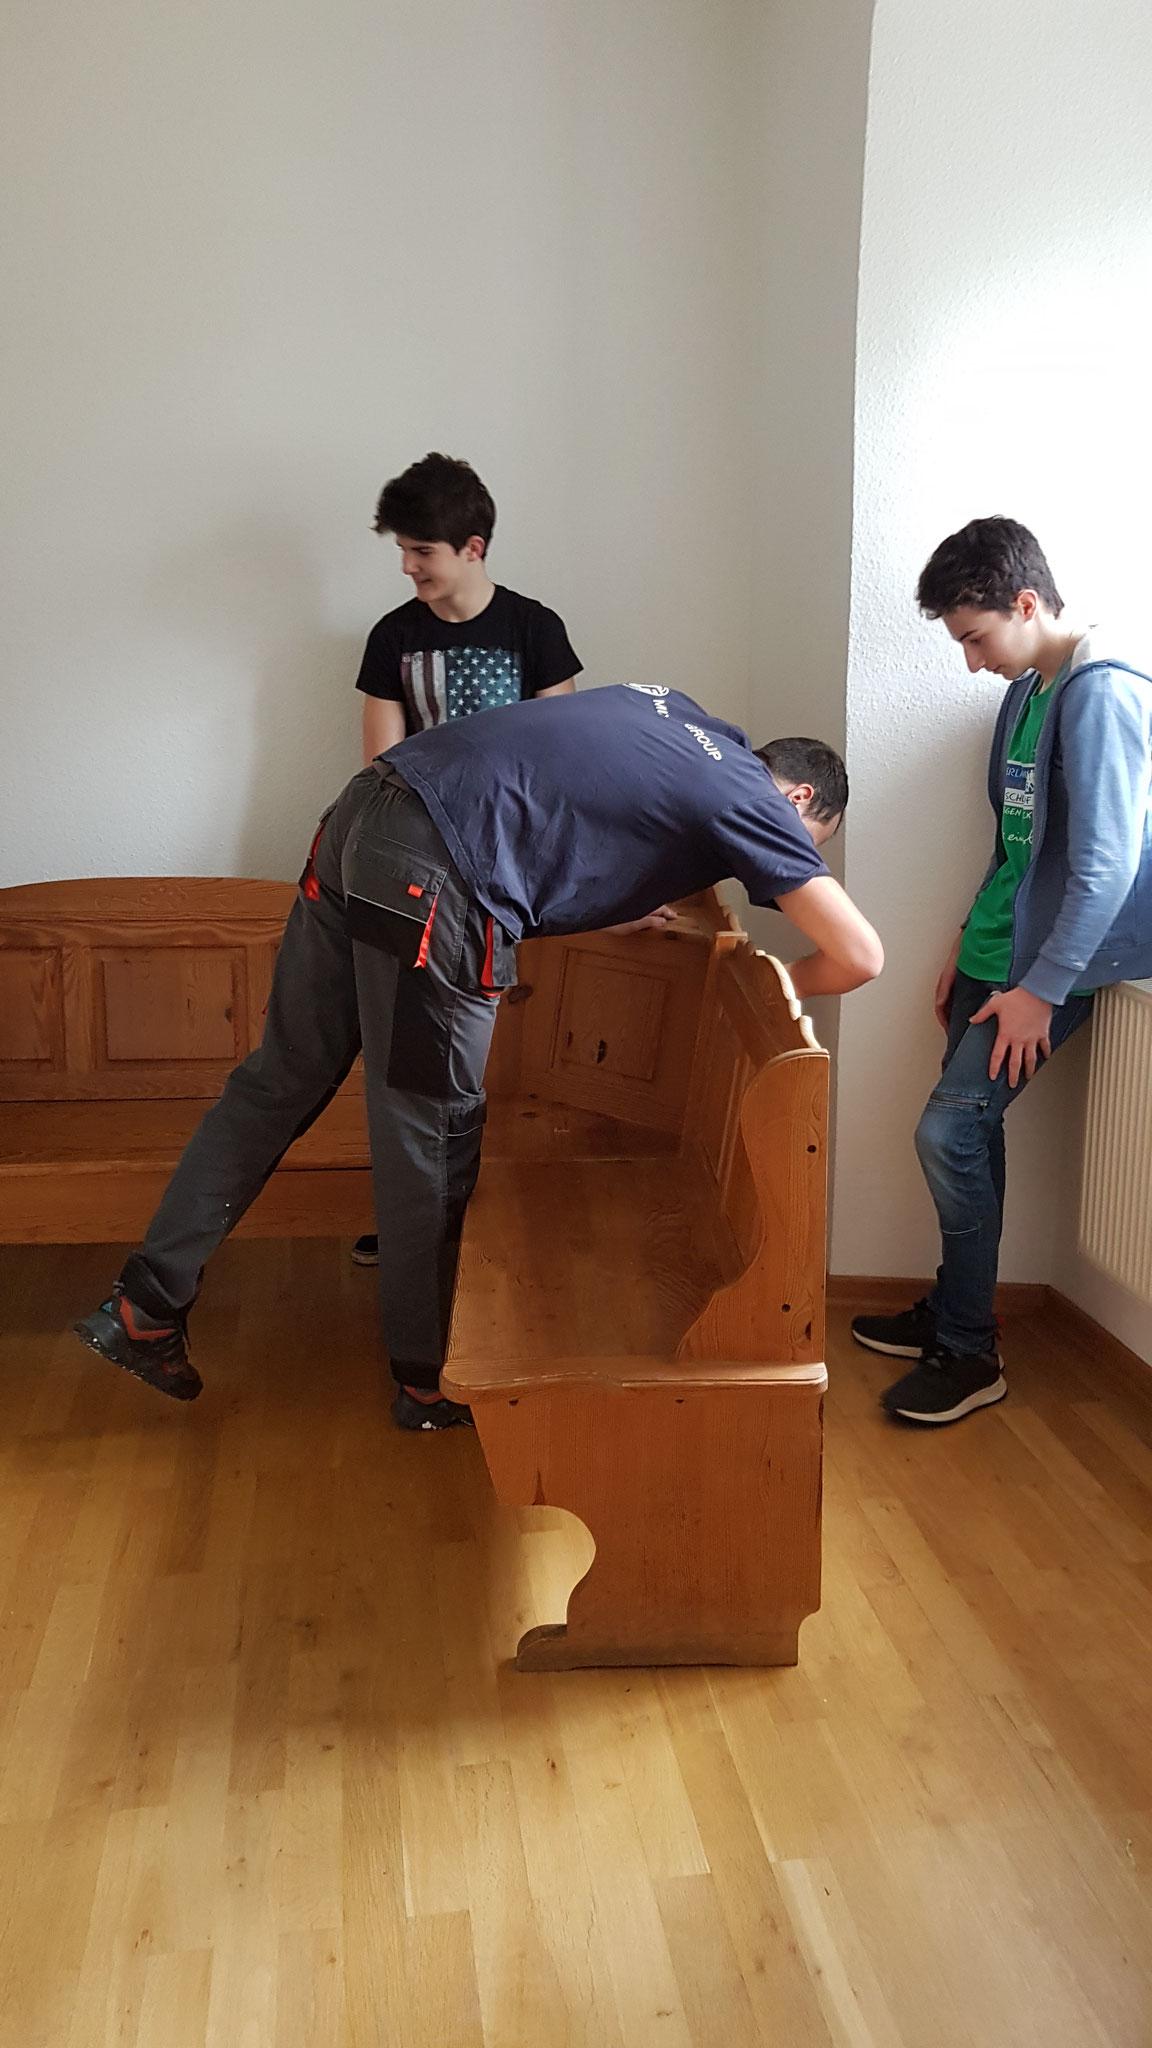 Unsere Möbel wurden in den Ausweichräumen abgebaut...